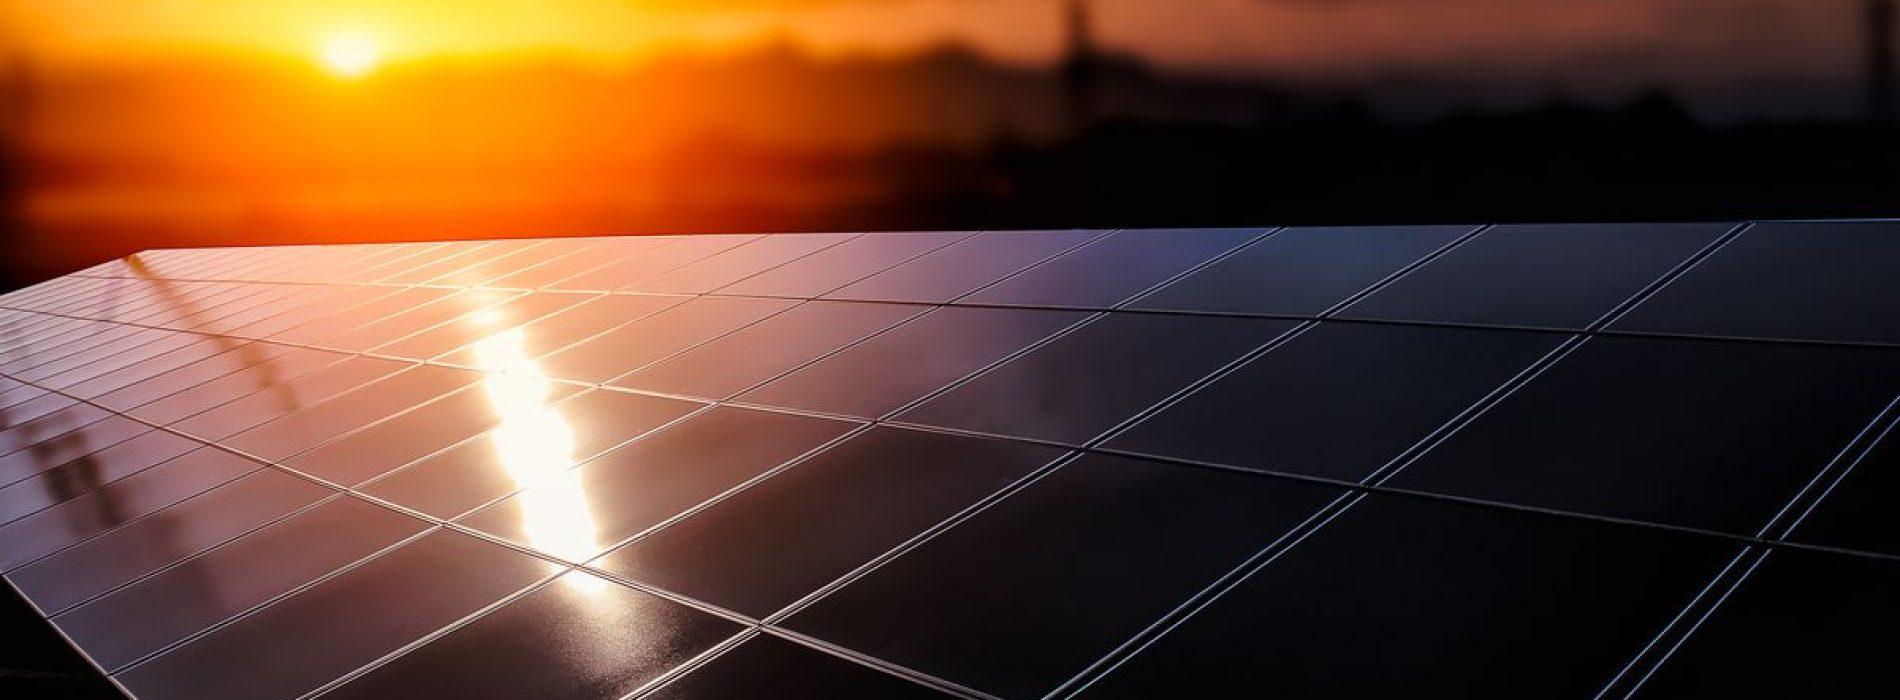 Elektriciteit op onwaarschijnlijke plaatsen: rotsoppervlakken over de hele planeet kunnen werken als natuurlijke zonnepanelen